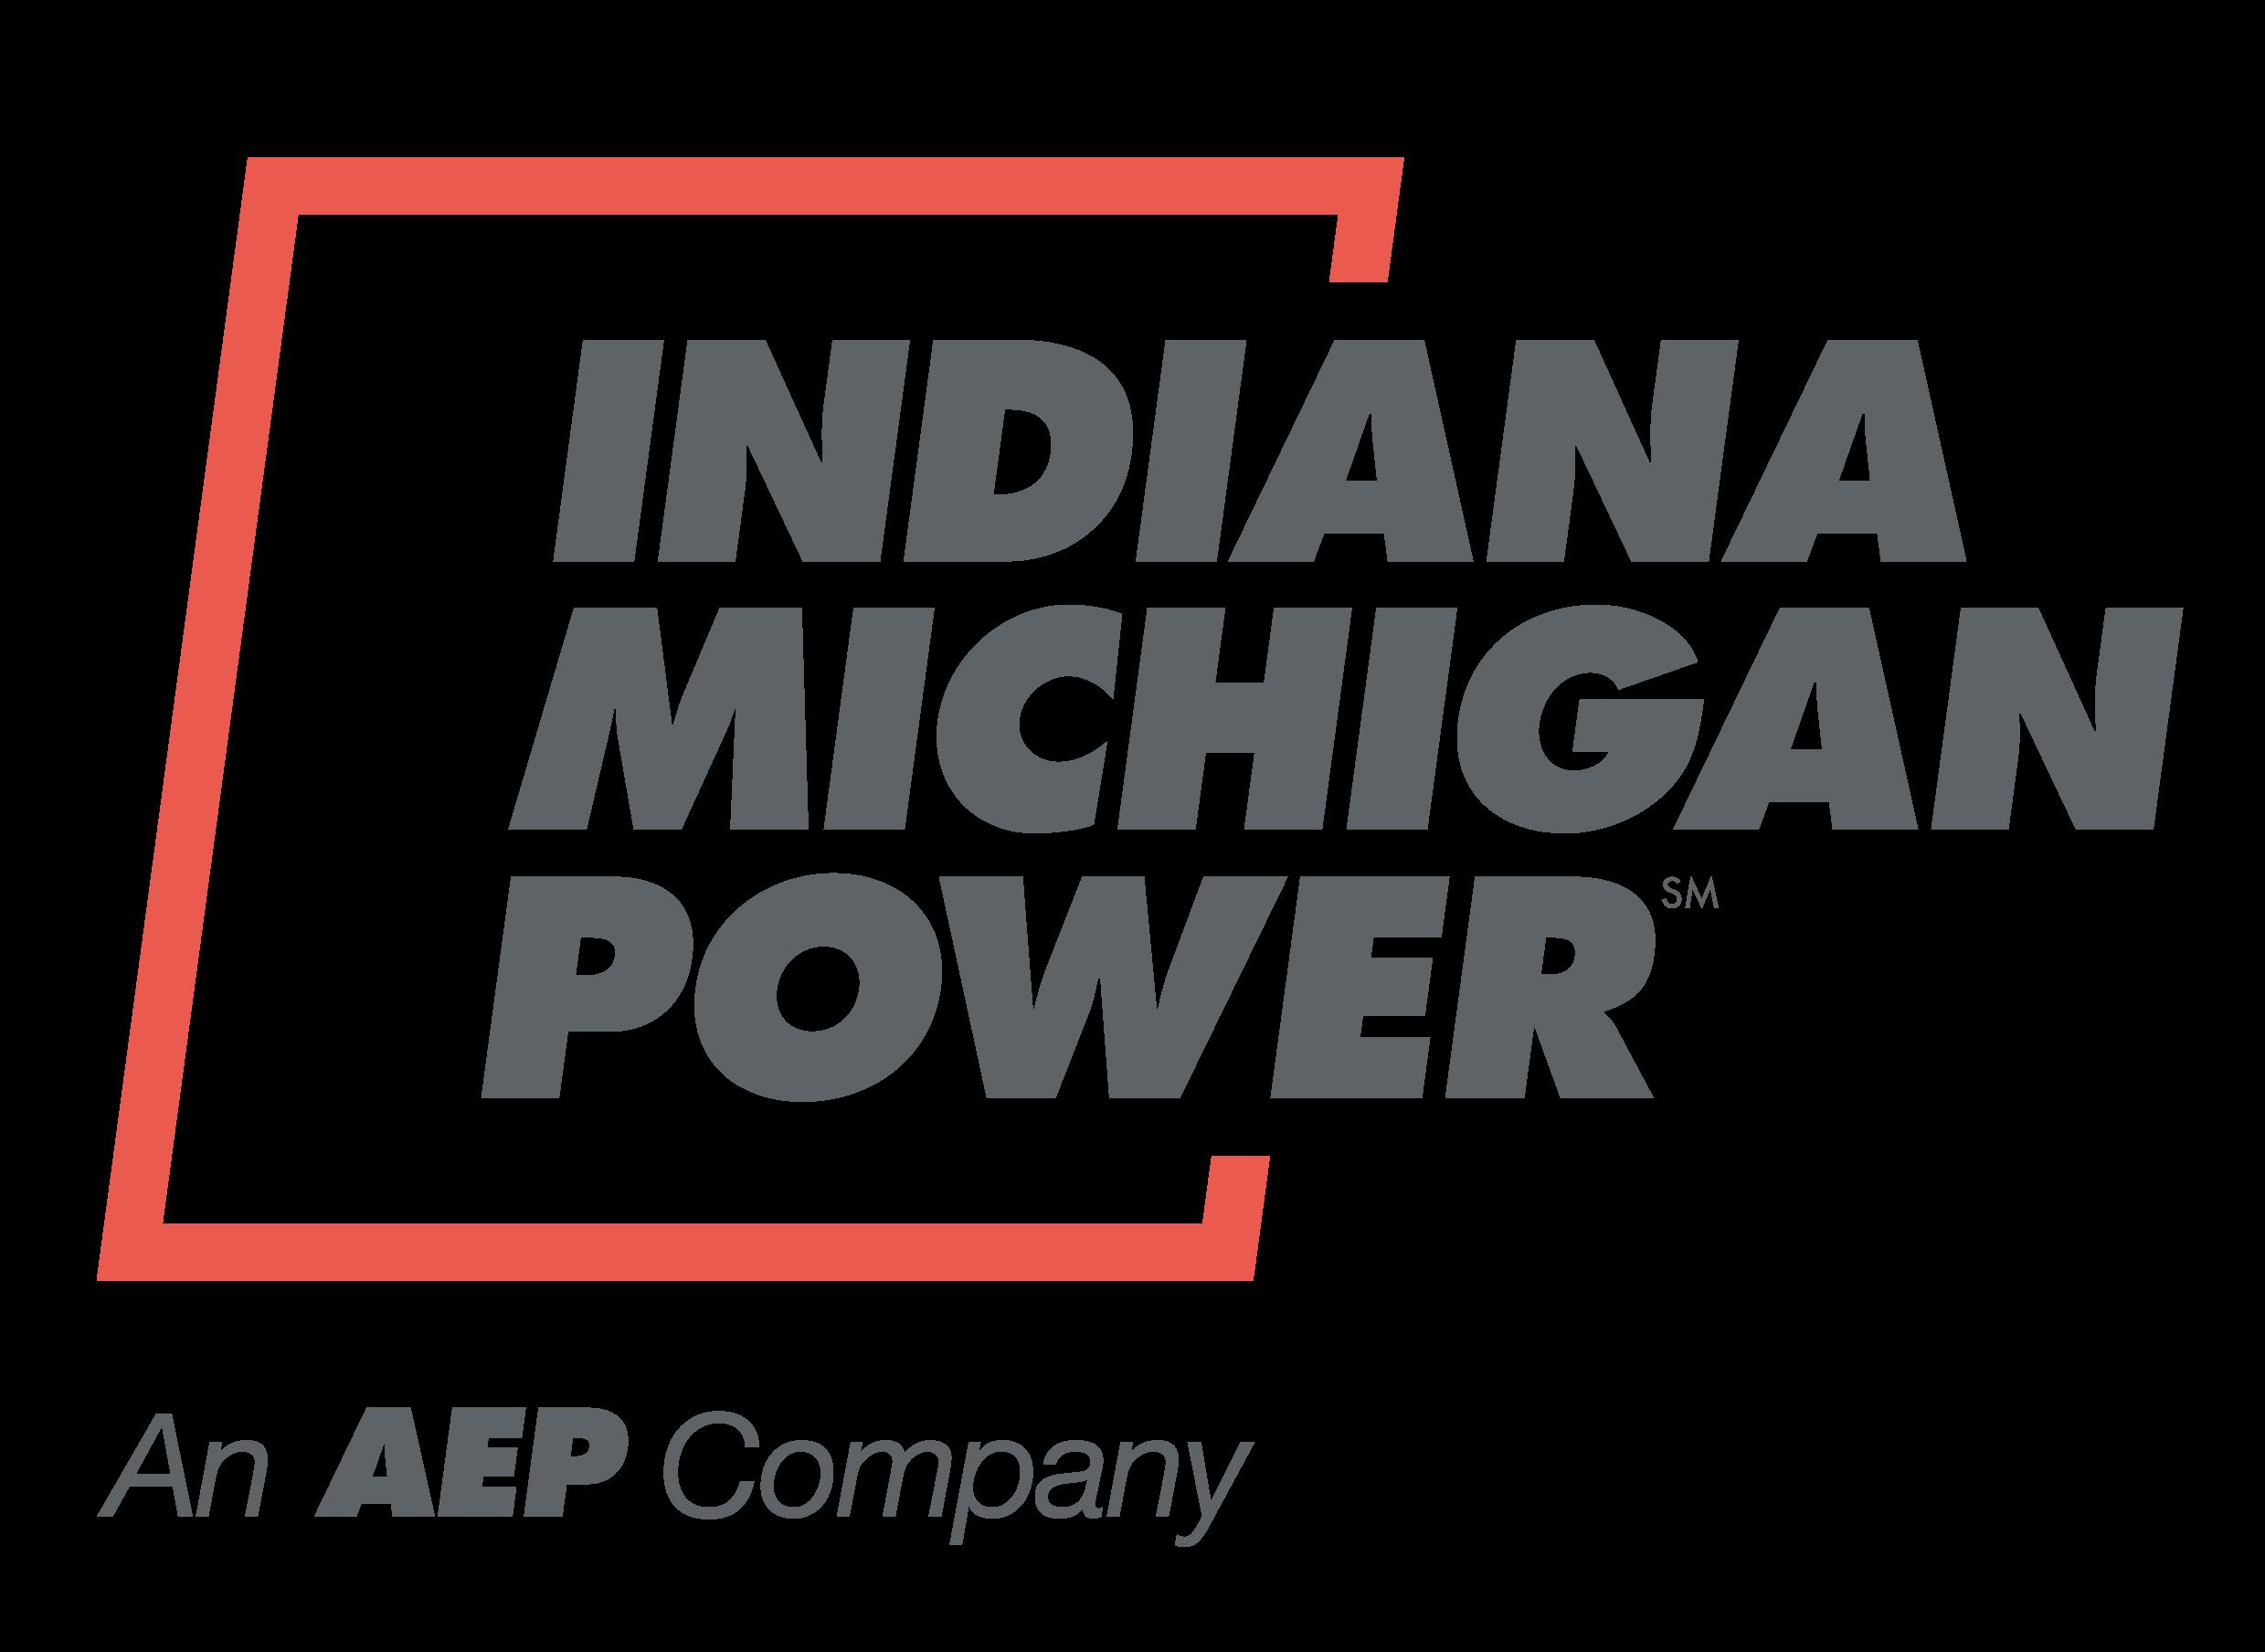 AEP Indiana Michigan Power